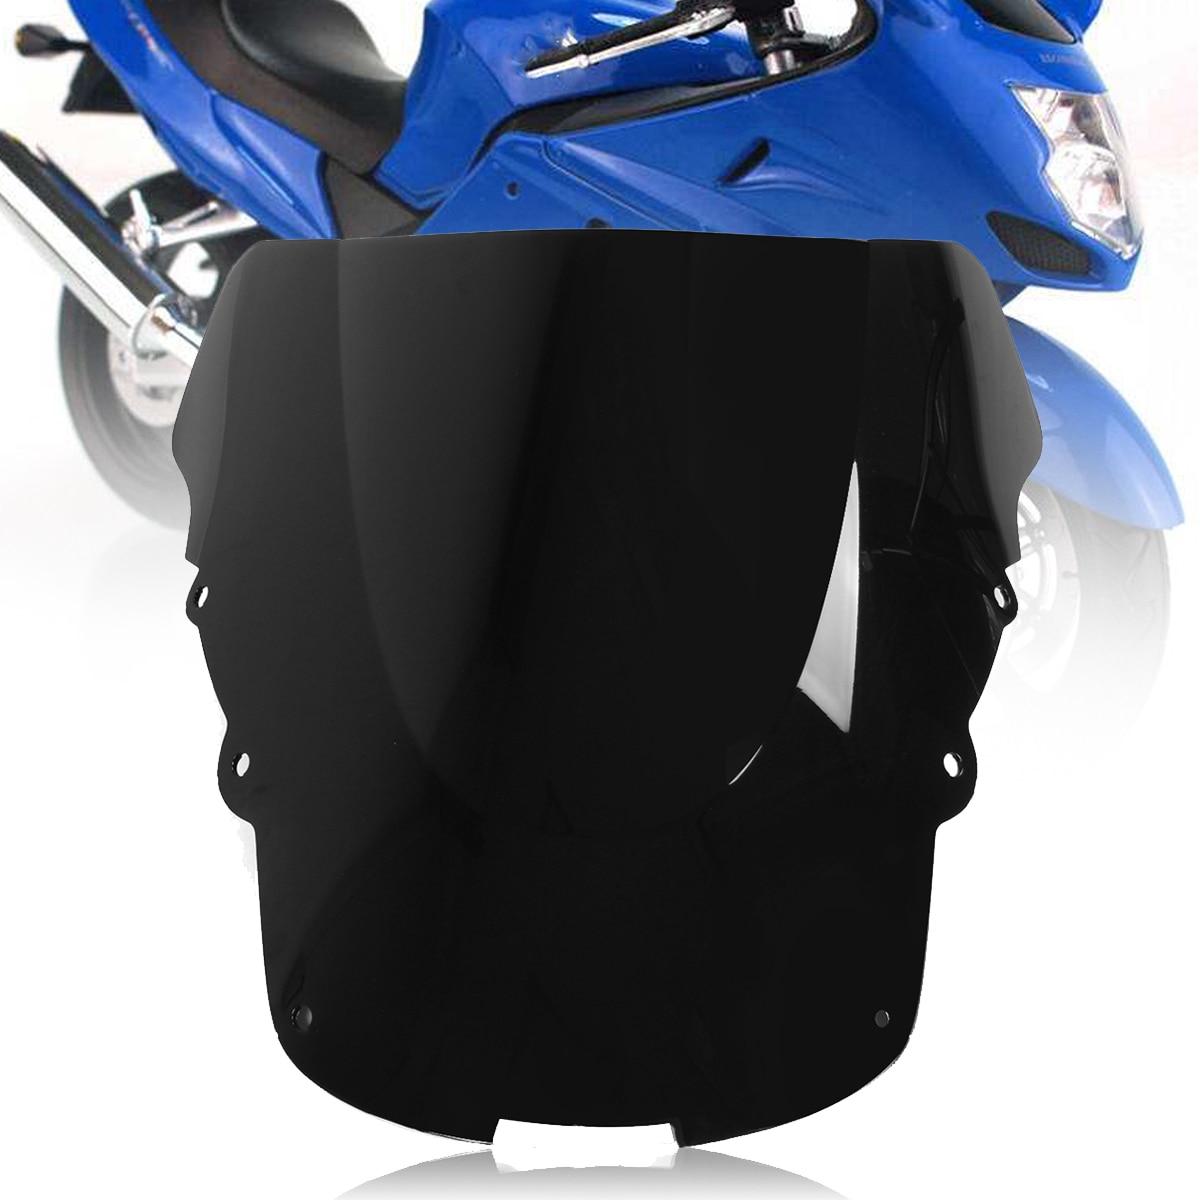 Motorcycle Double Bubble WindScreen Windshield Wind Deflectors Motorbike screen Airflow For Honda CBR1100XX CBR 1100XX 1996-2007 Blue